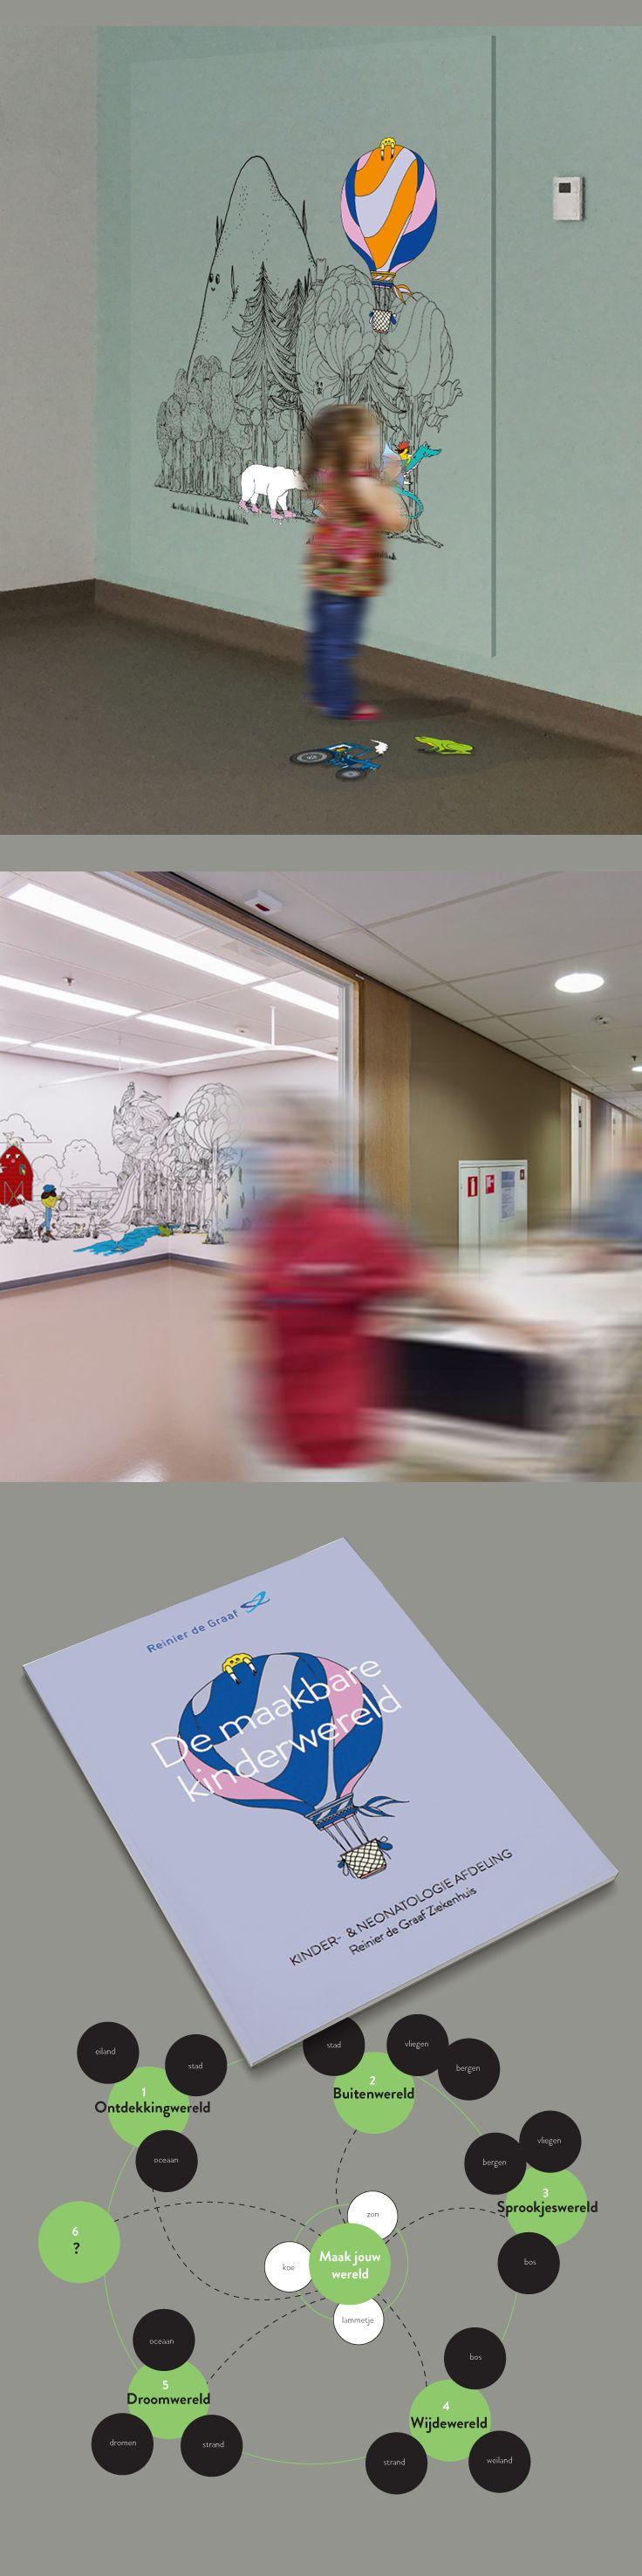 Reinier de Graaf Ziekenhuis - Welzijn van het kind - Portfolio of Twan Minten #Servicedesign #Print